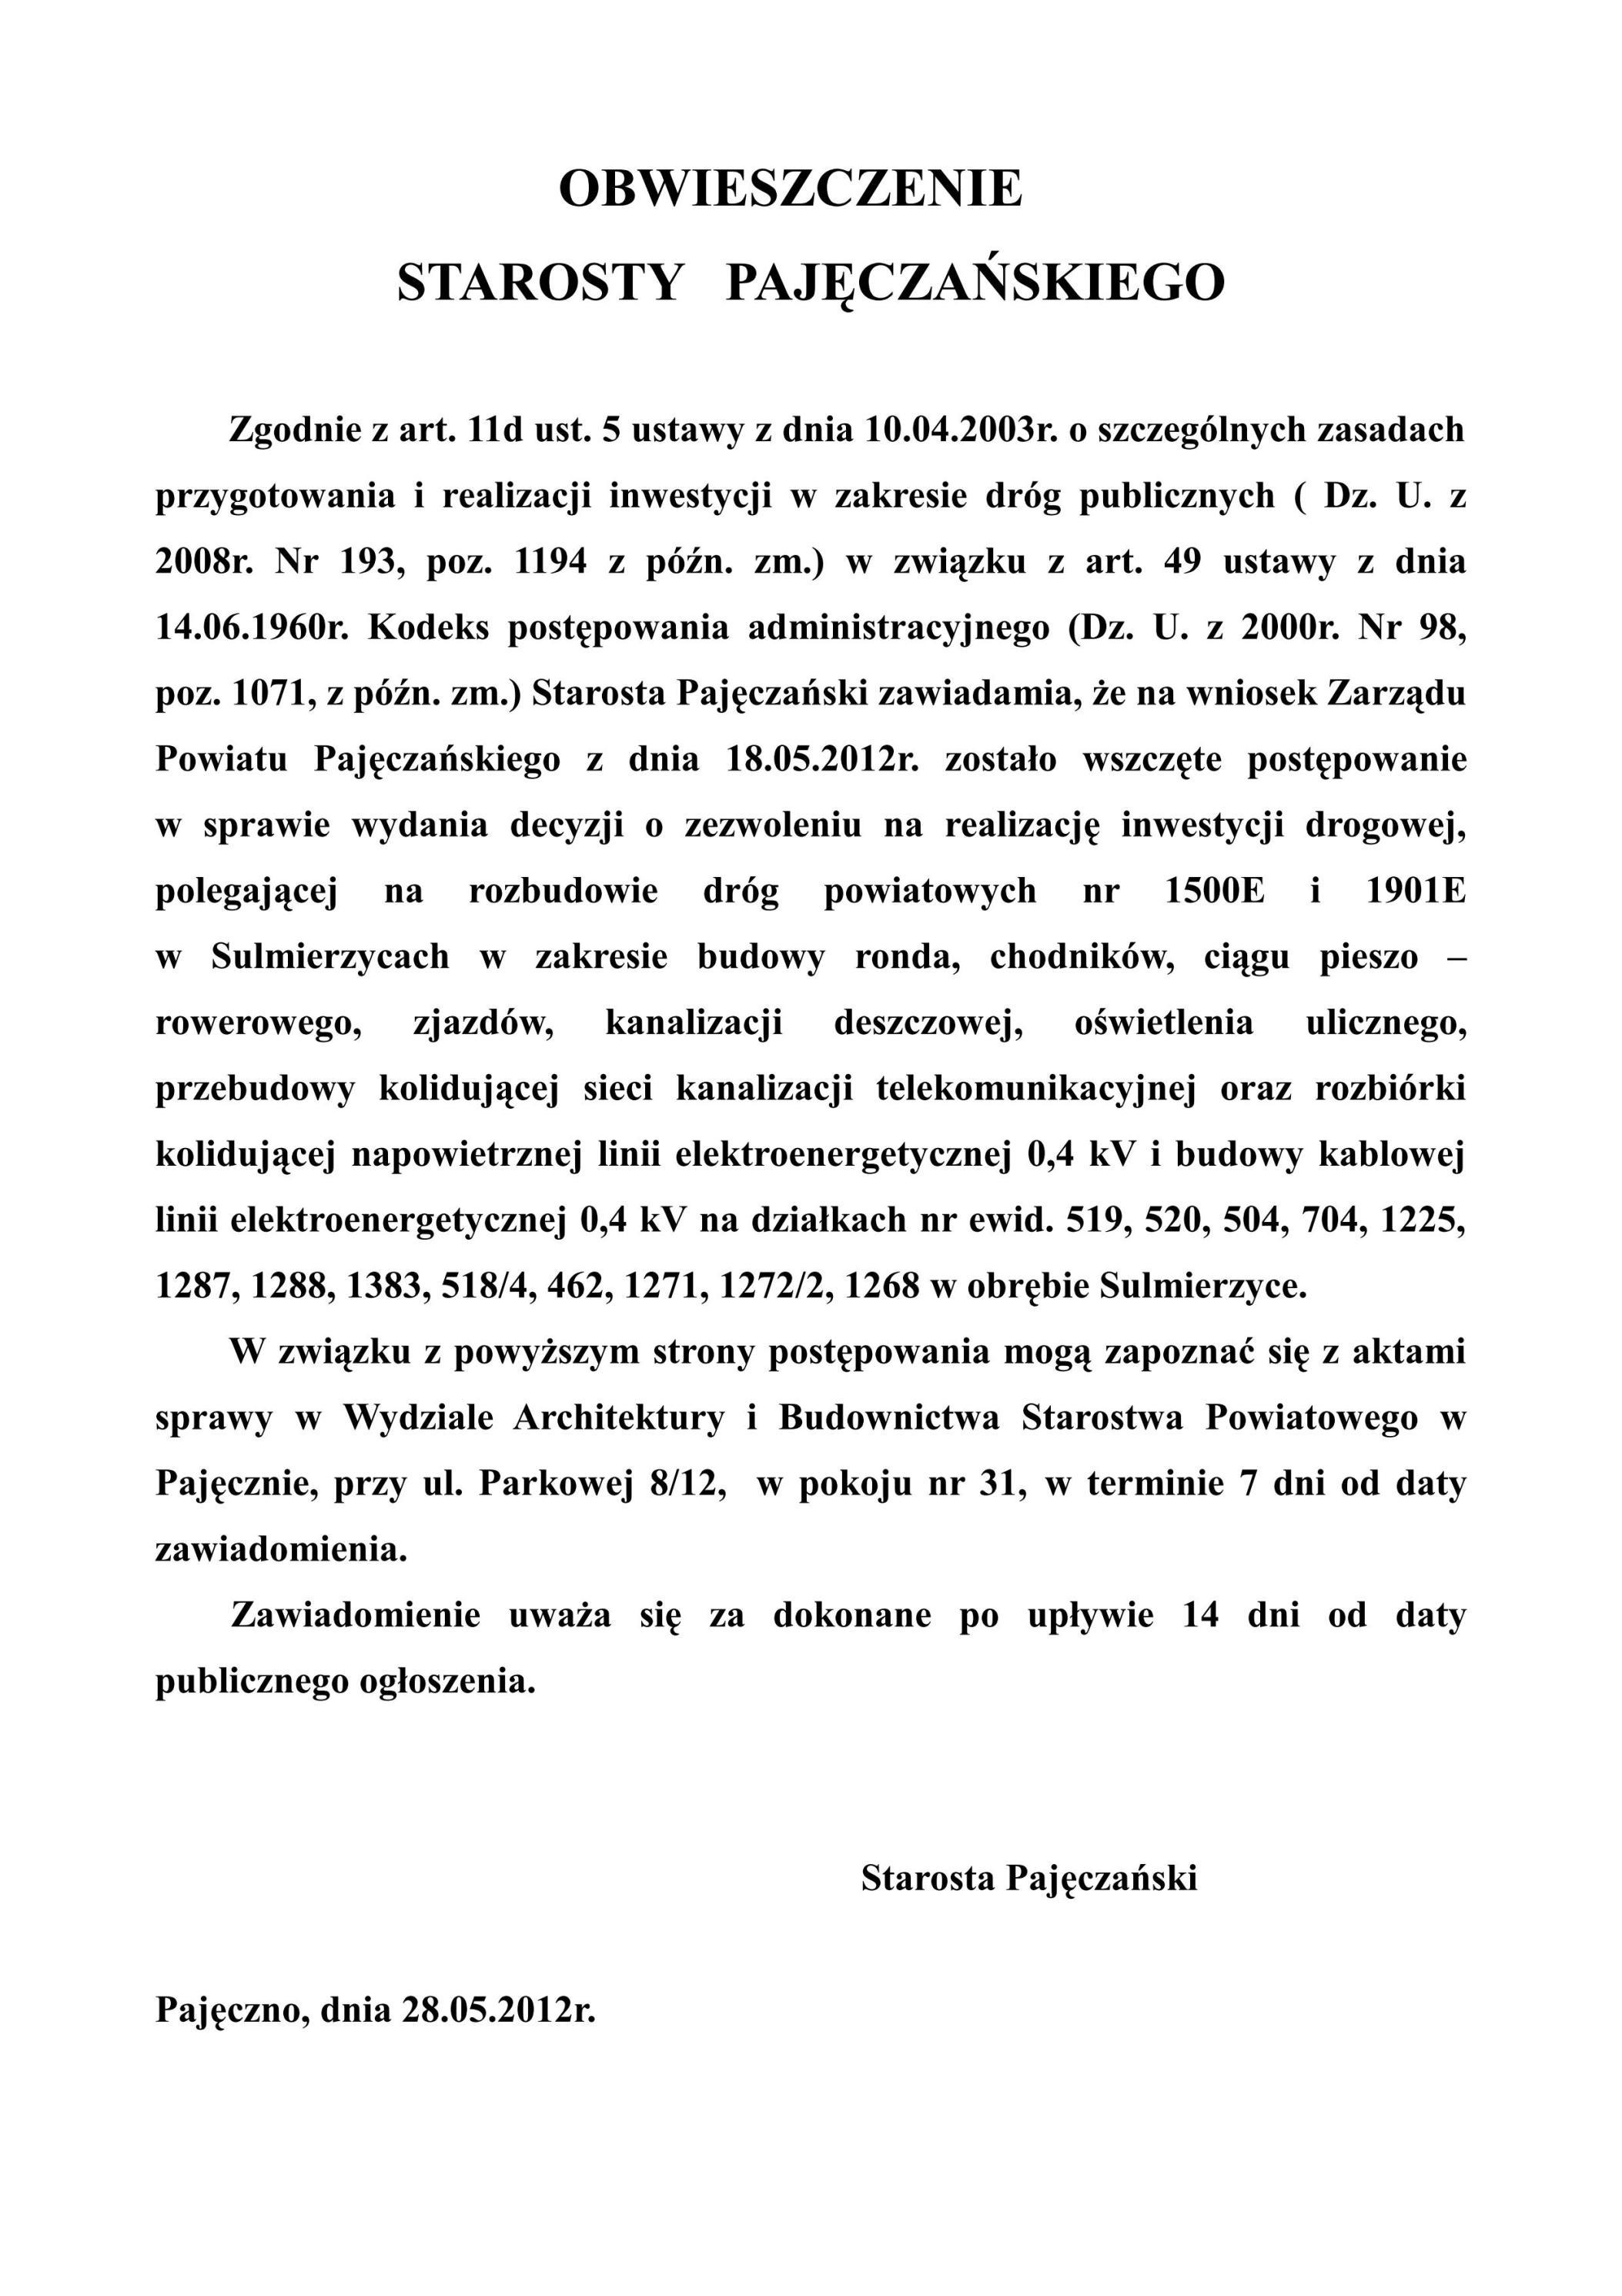 Obwieszczenie Starosty Pajęczańskiego